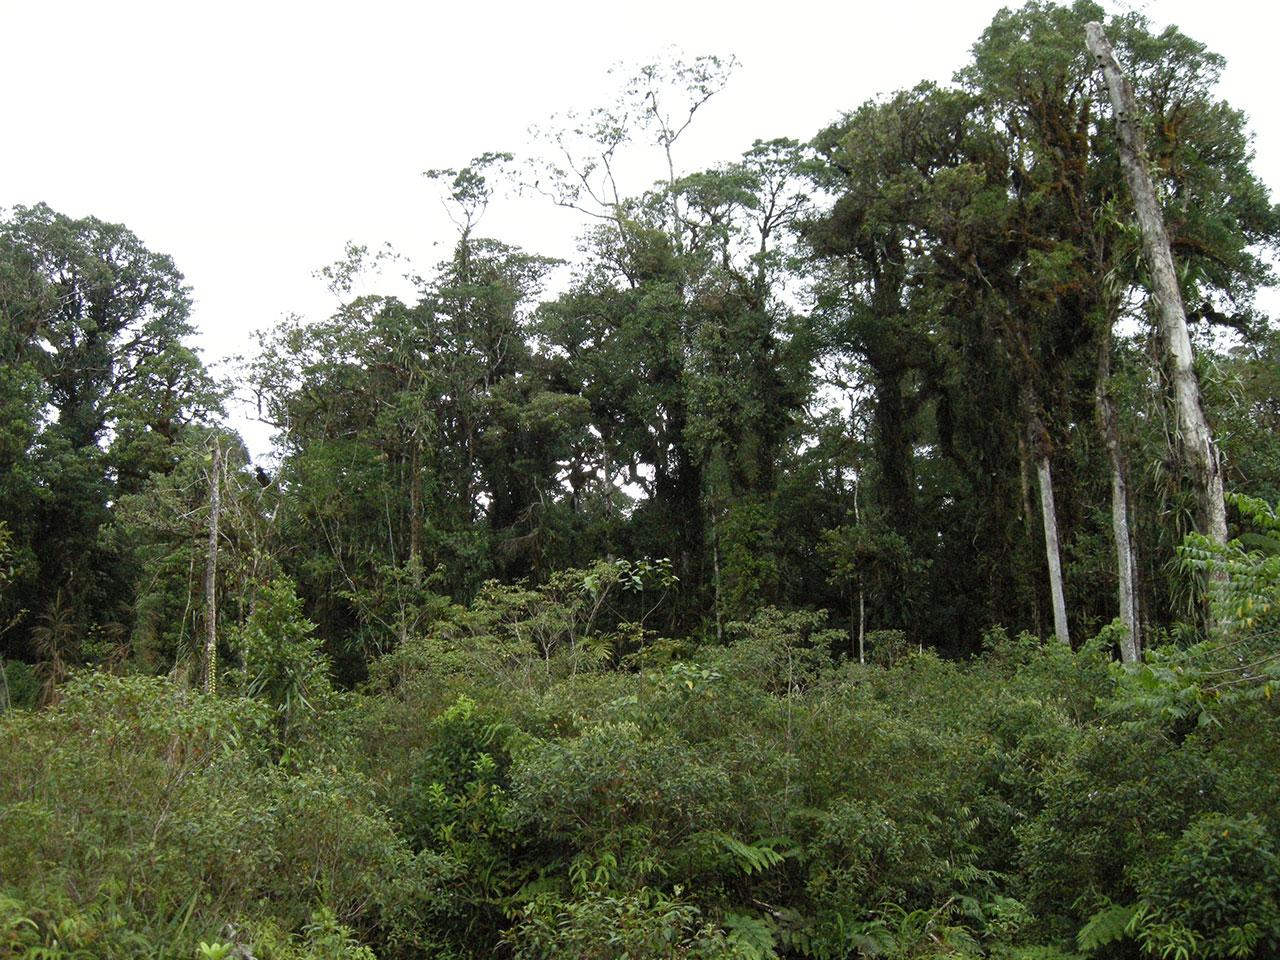 Degraded montane forest in Taliabu Image: Bram Demeulemeester